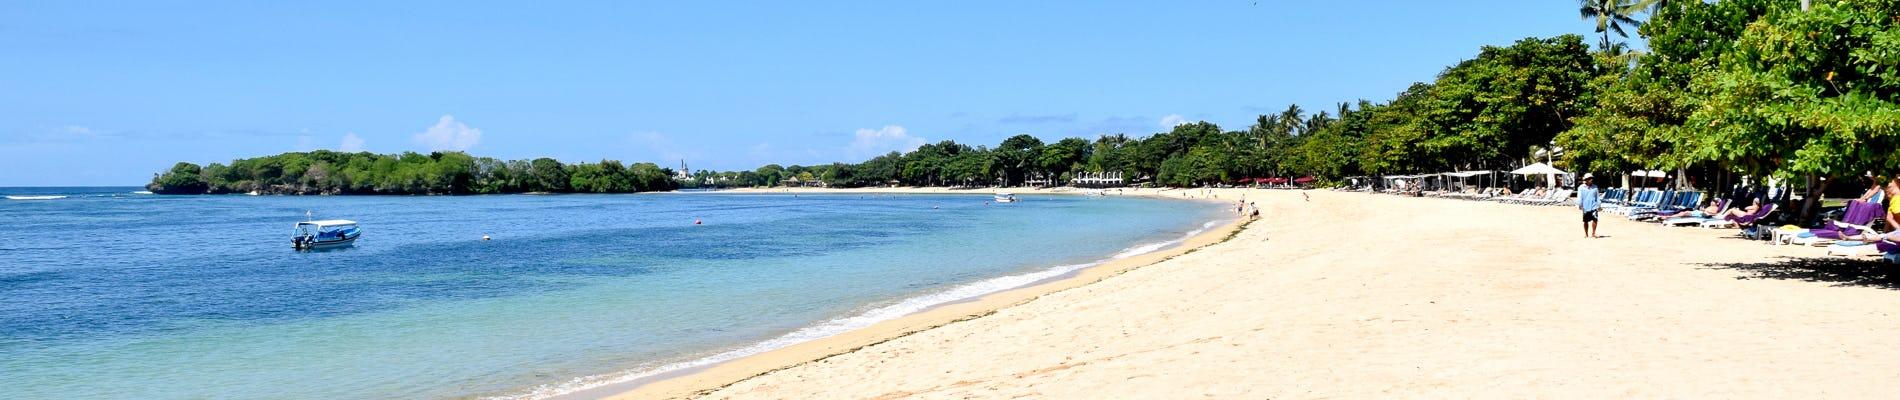 Nusa Dua Beach Model In A Chic Environment